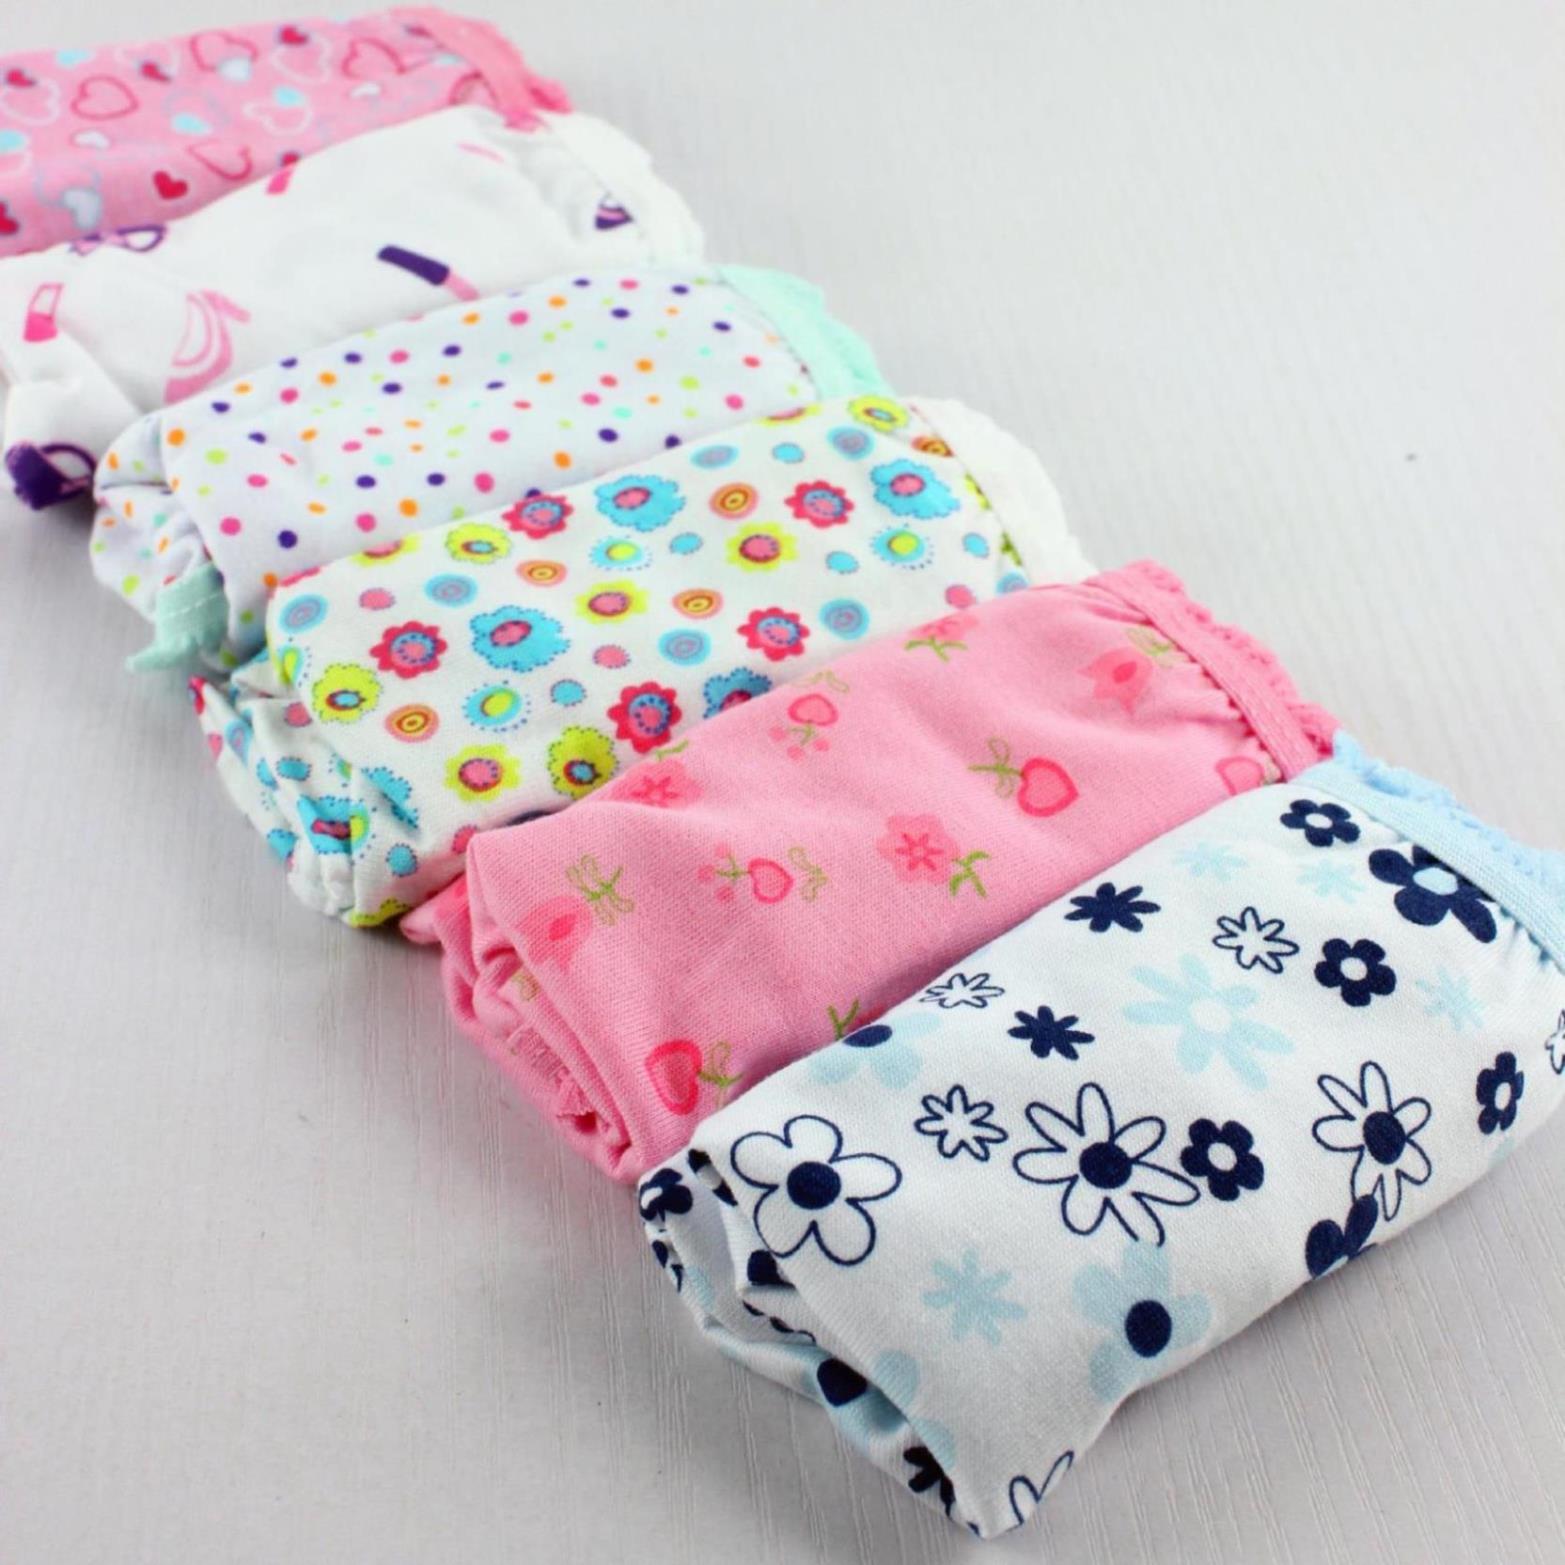 baby cotton underwear child panties bread under bb underwears pants girls triangle kids childre